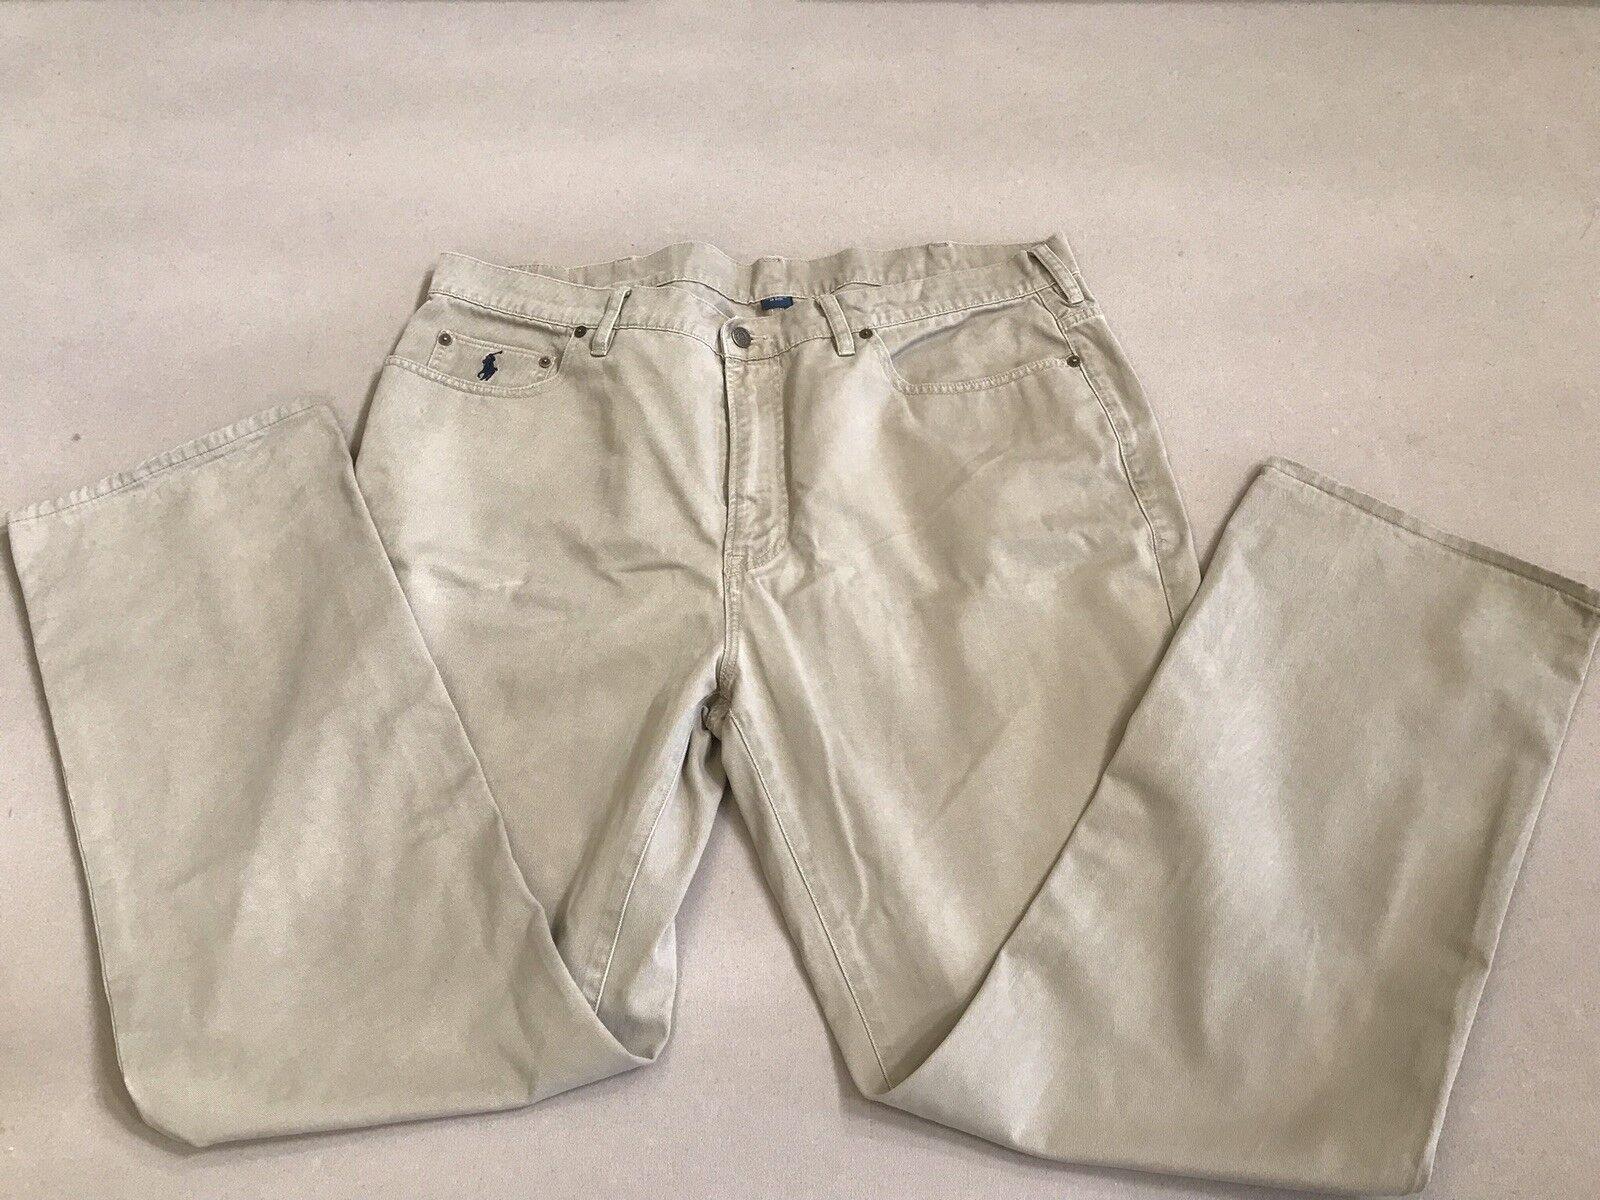 Polo Ralph Lauren Men Classic Fit Pants Size 40T-32 Men's Fashion